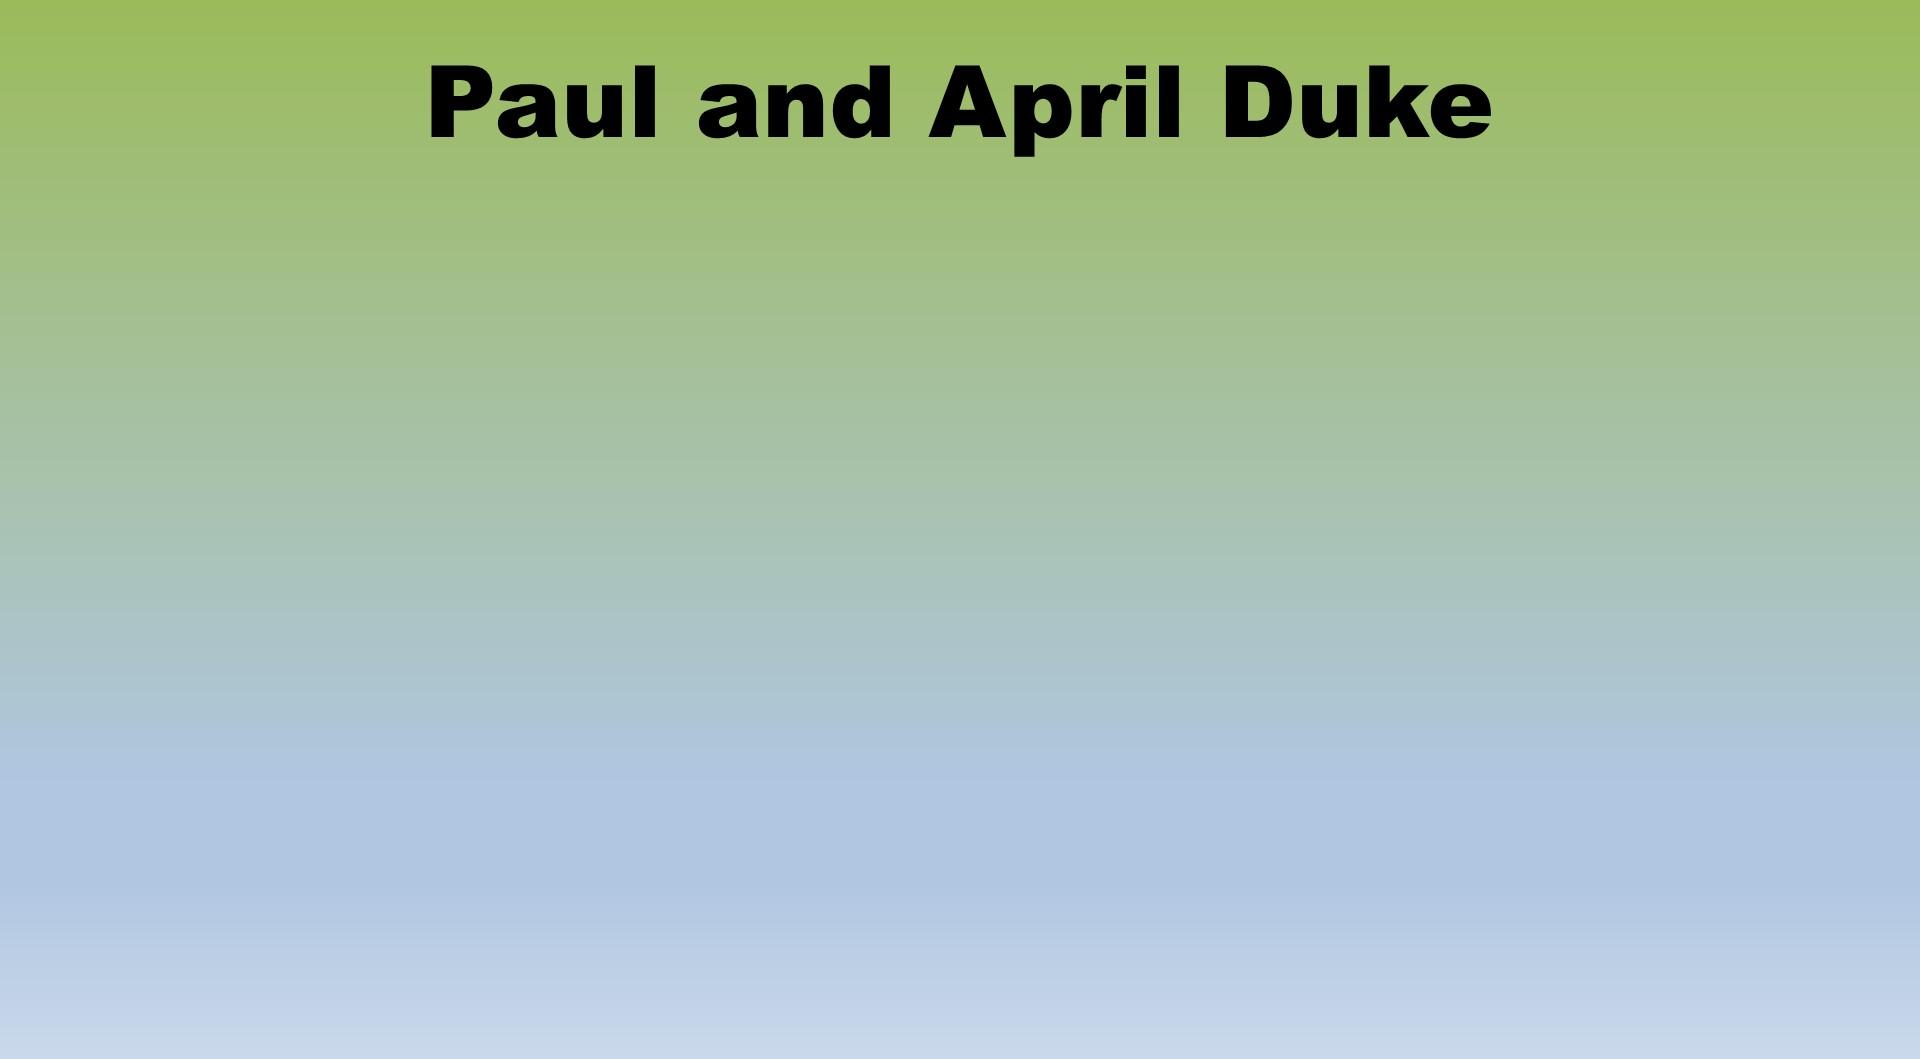 Paul and April Duke Placeholder.jpg